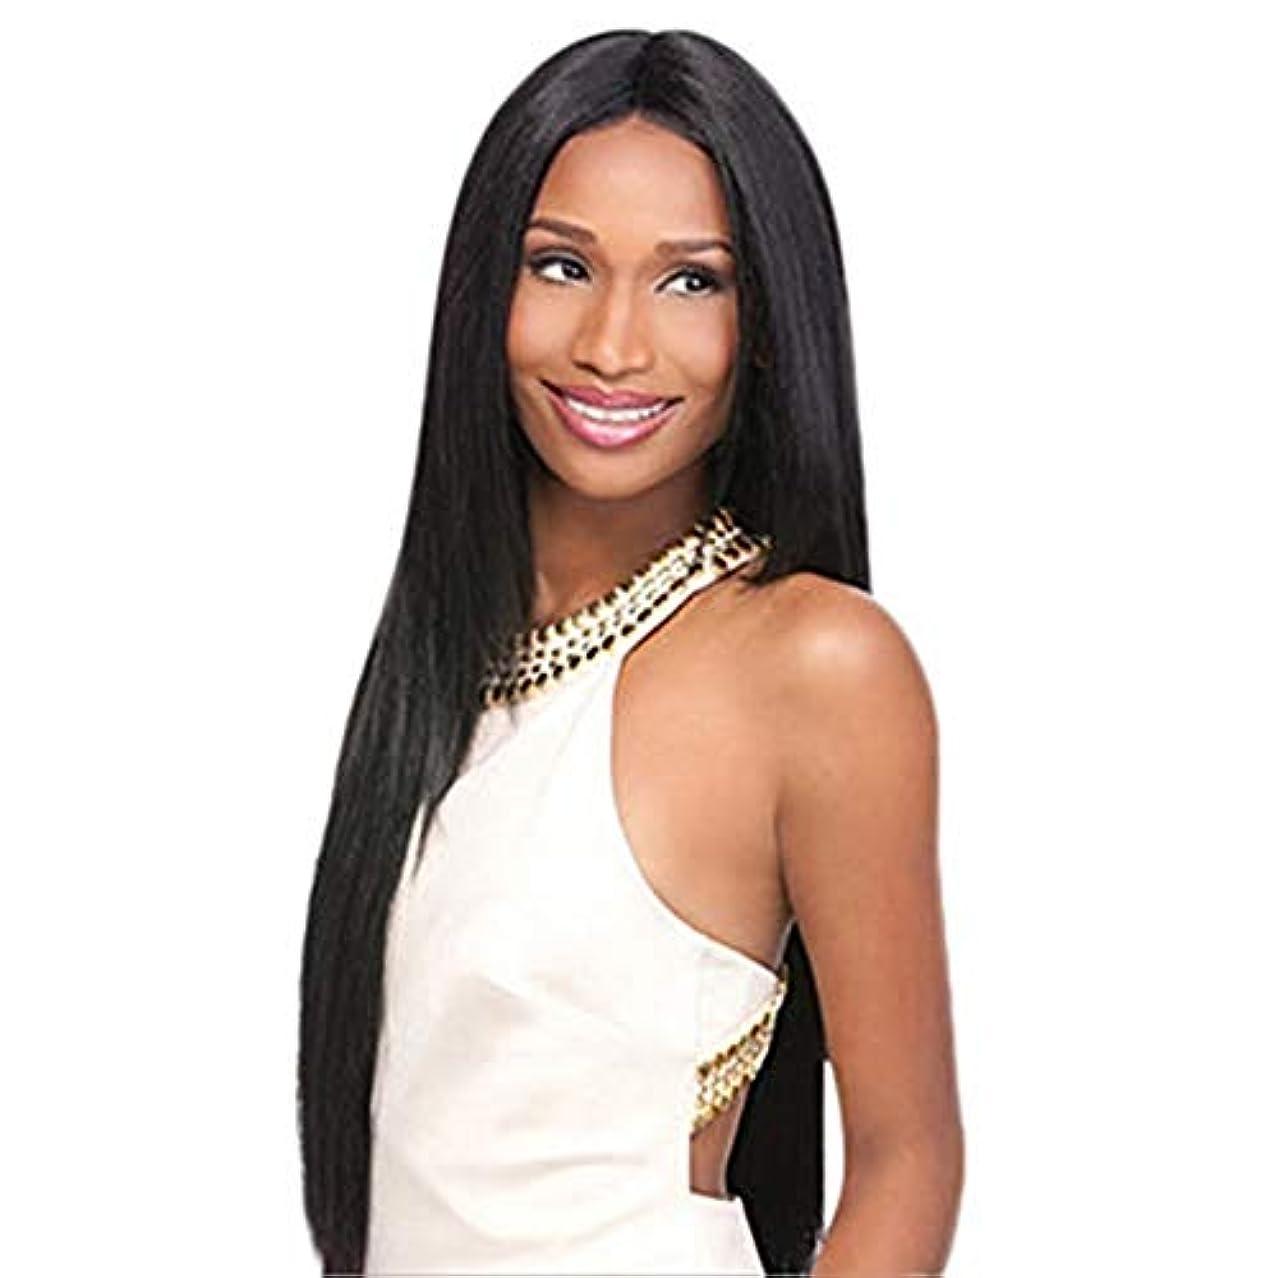 招待スローガン臭い完全なかつら80CMをしている女性の黒い長いストレートの髪のかつらの役割